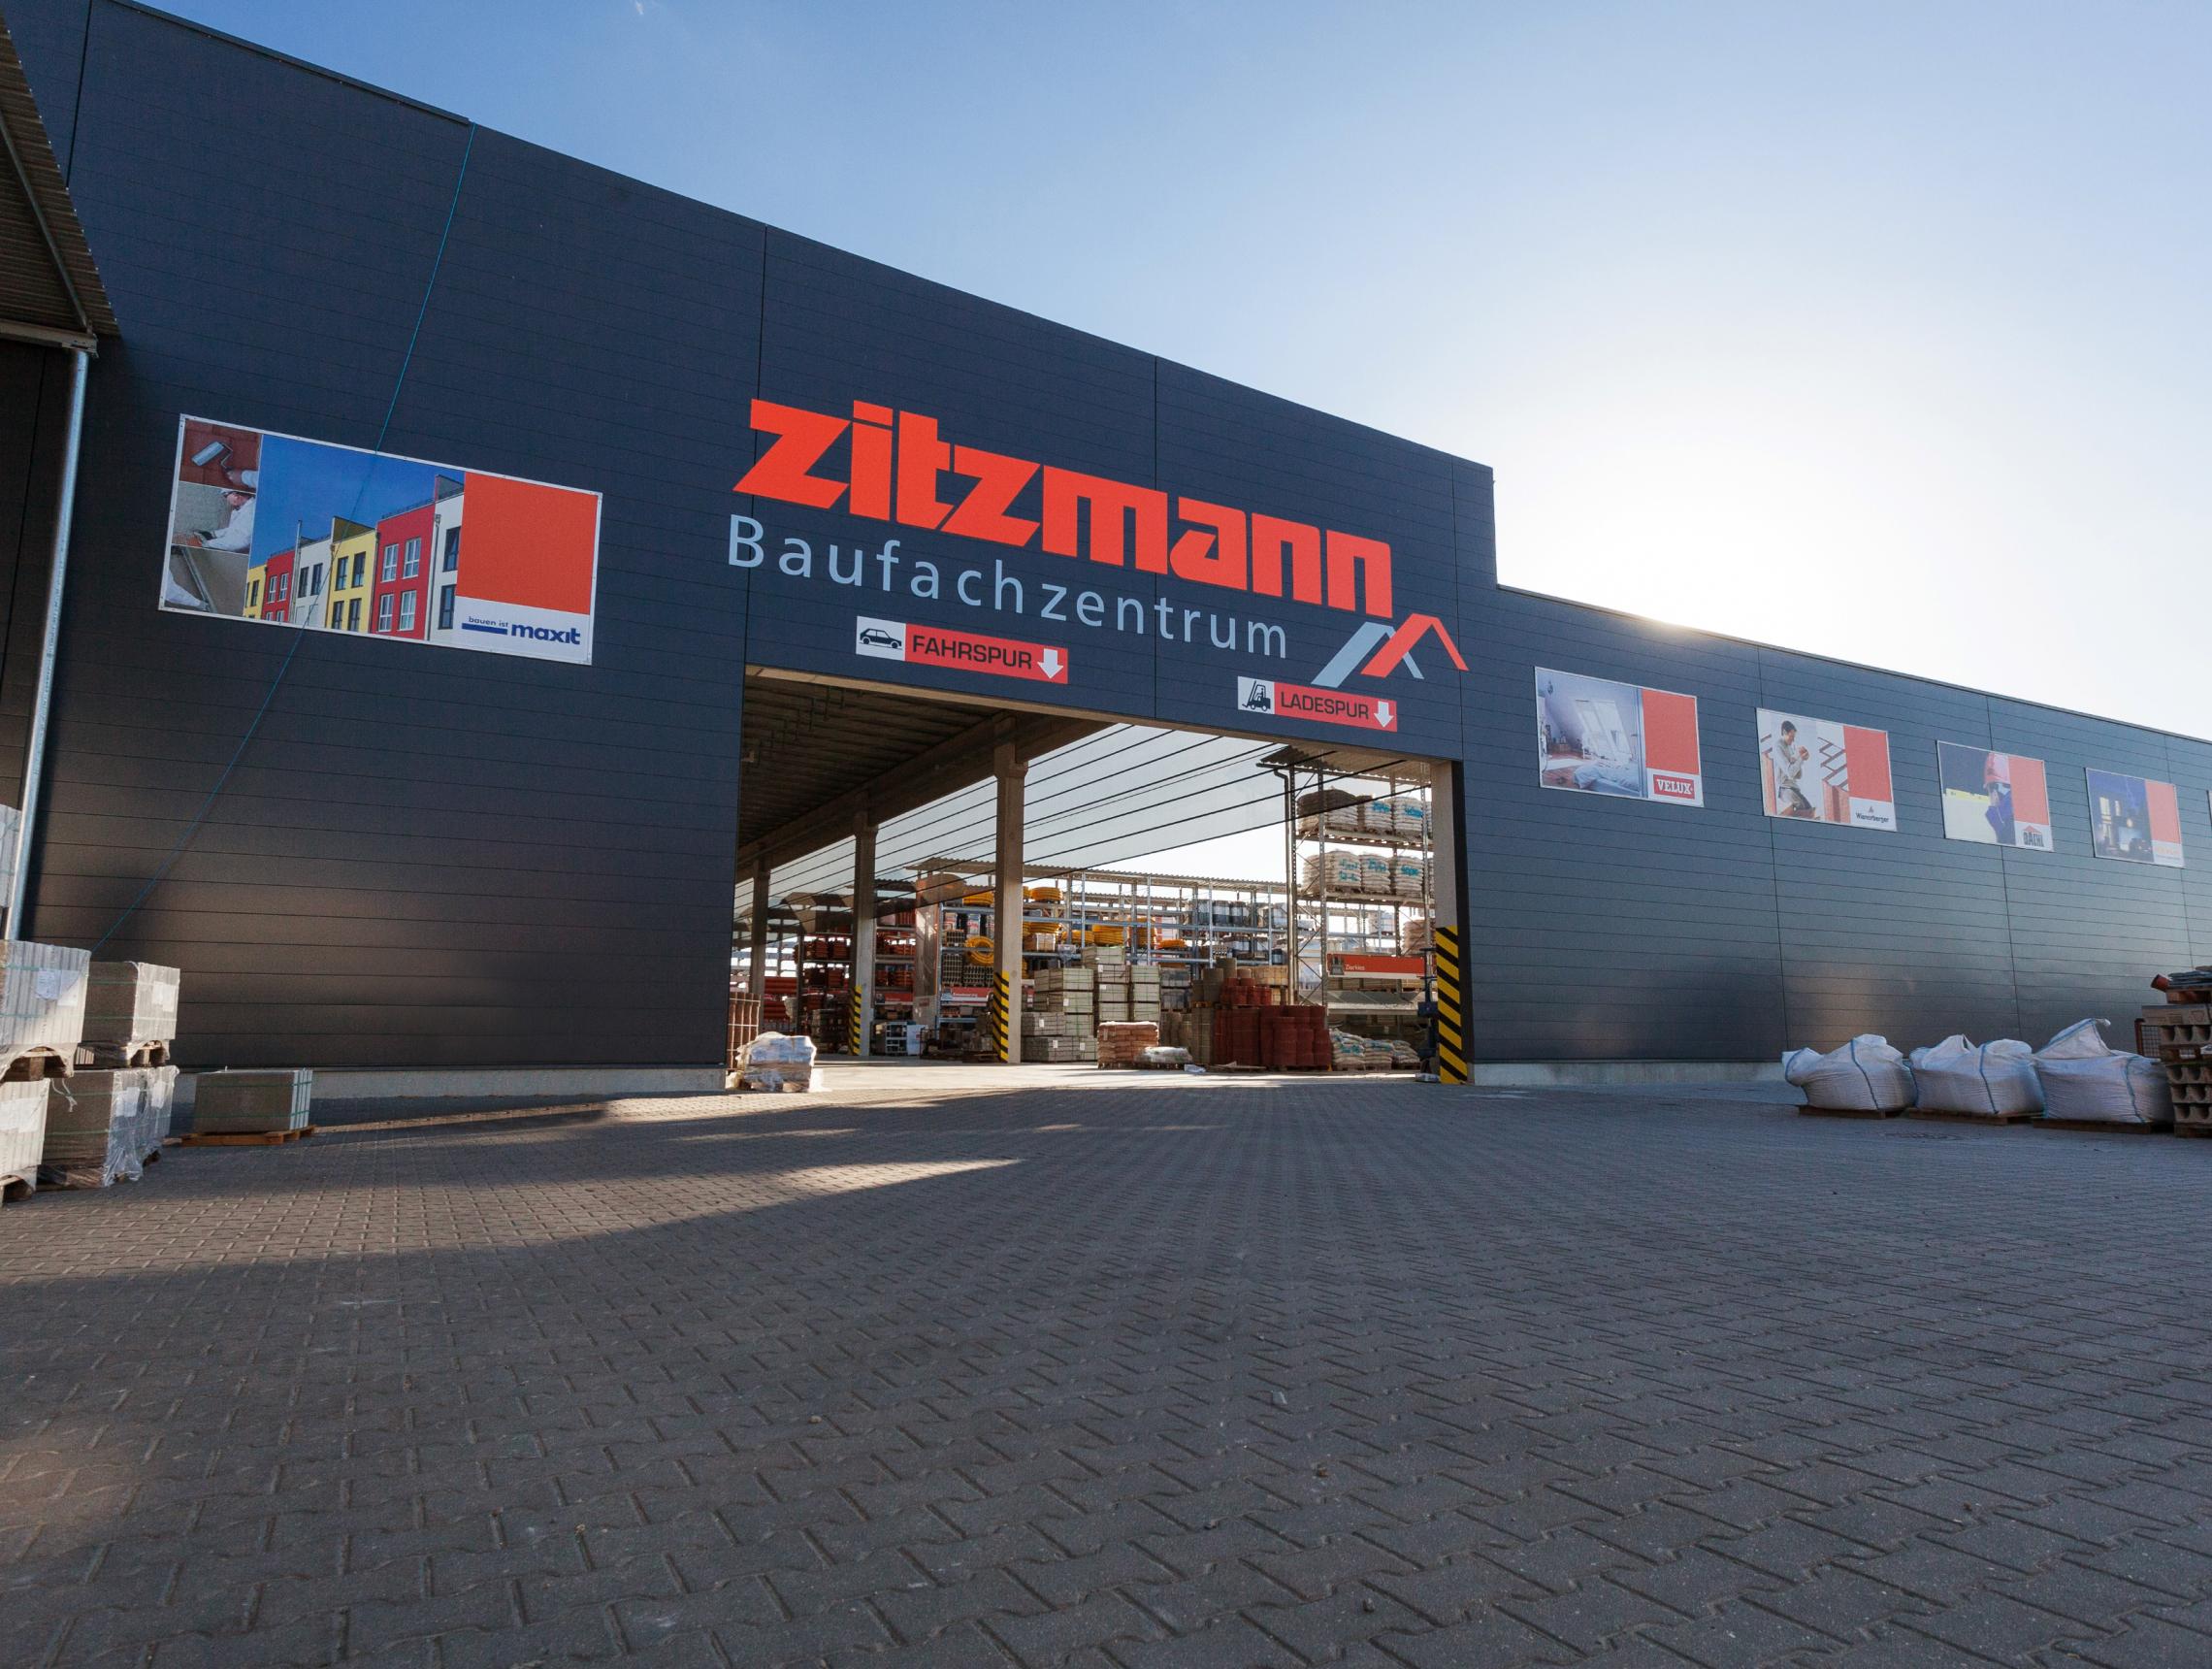 zitzmann_21